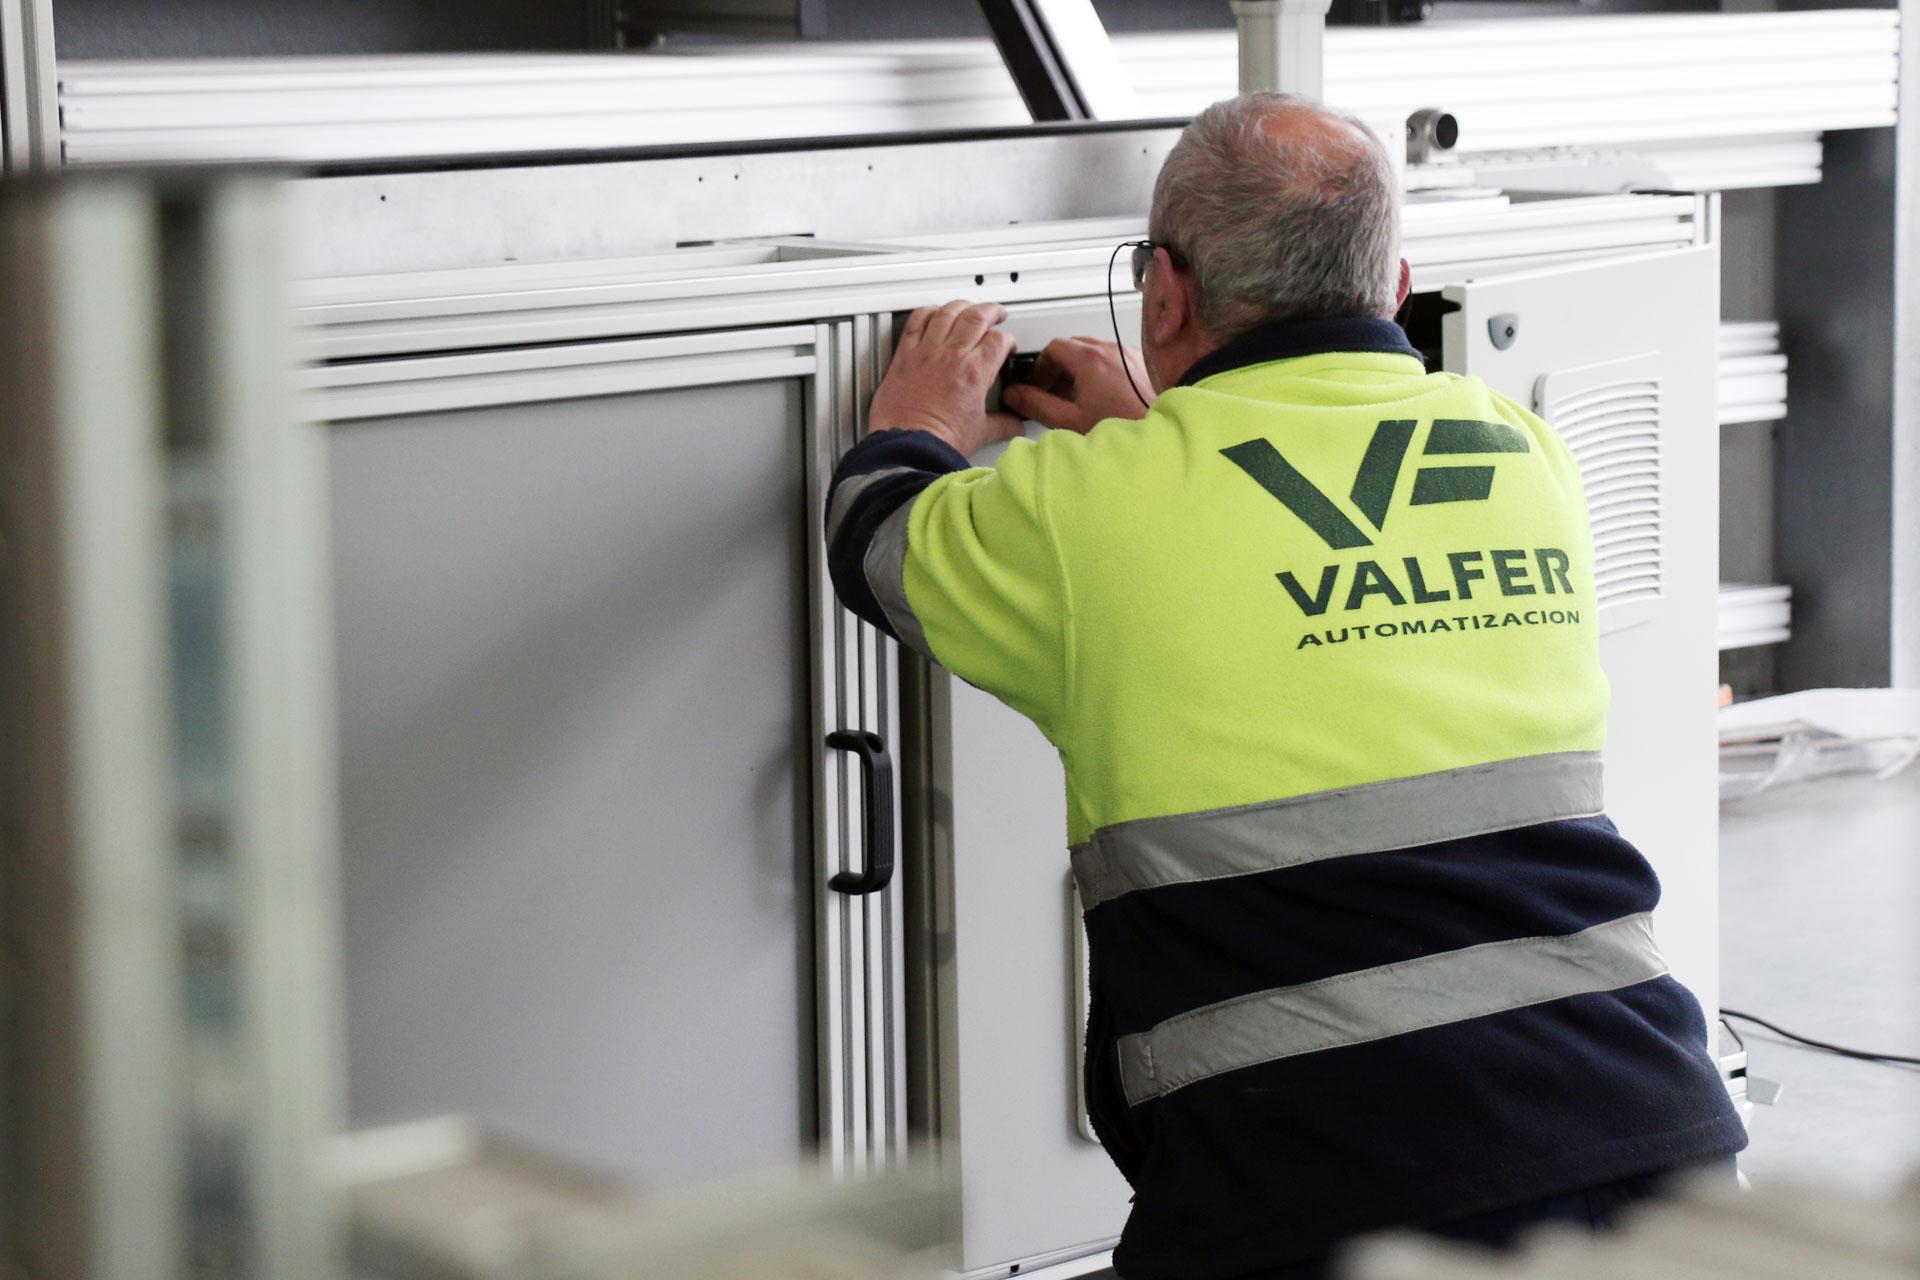 Trabajador de VALFER Automatizaciones Industriales rematando máquina de inspección